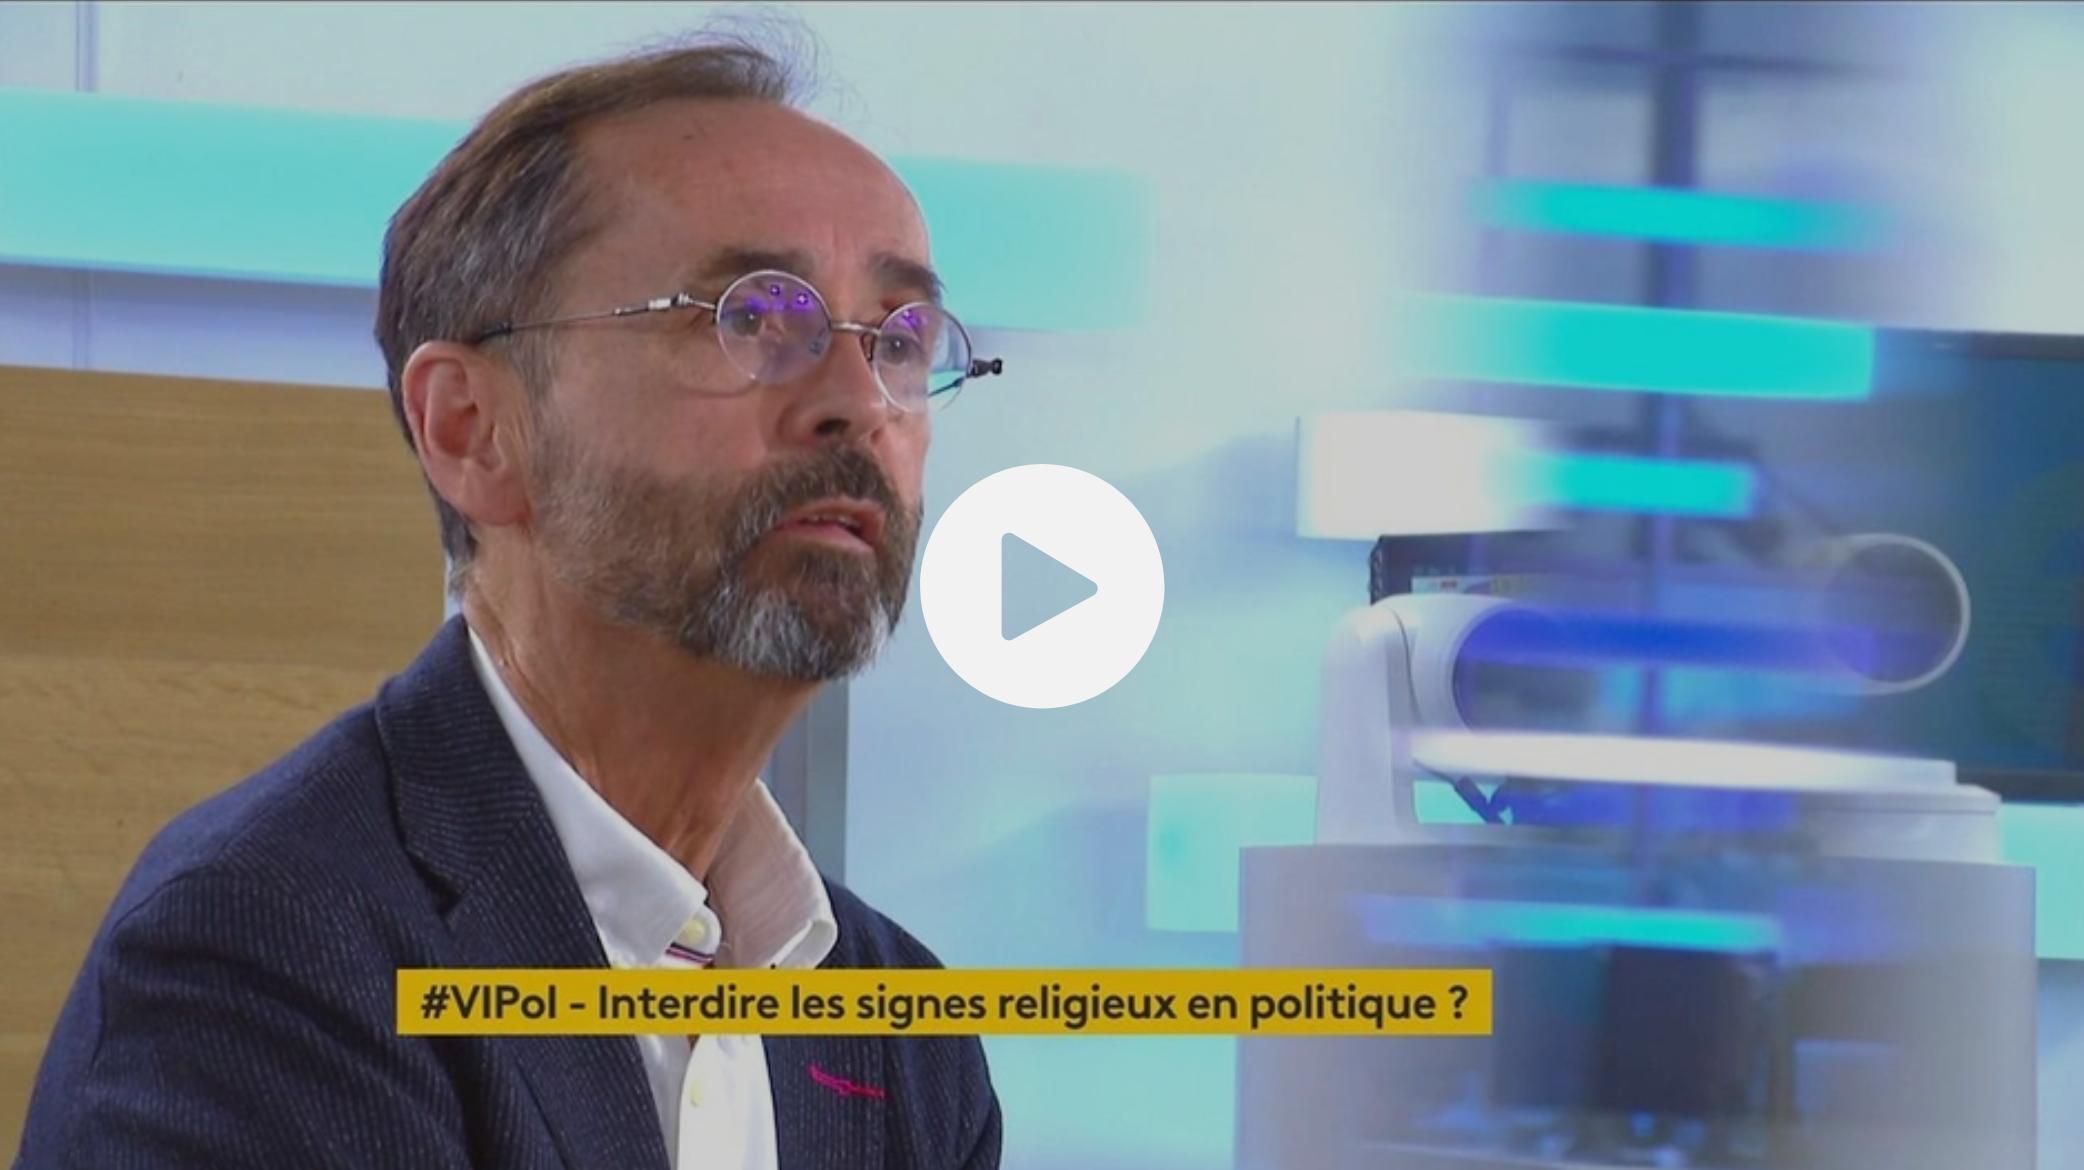 """Candidate LREM voilée à Montpellier : Robert Ménard """"ne met pas sur le même plan les différentes religions"""" (VIDÉO)"""